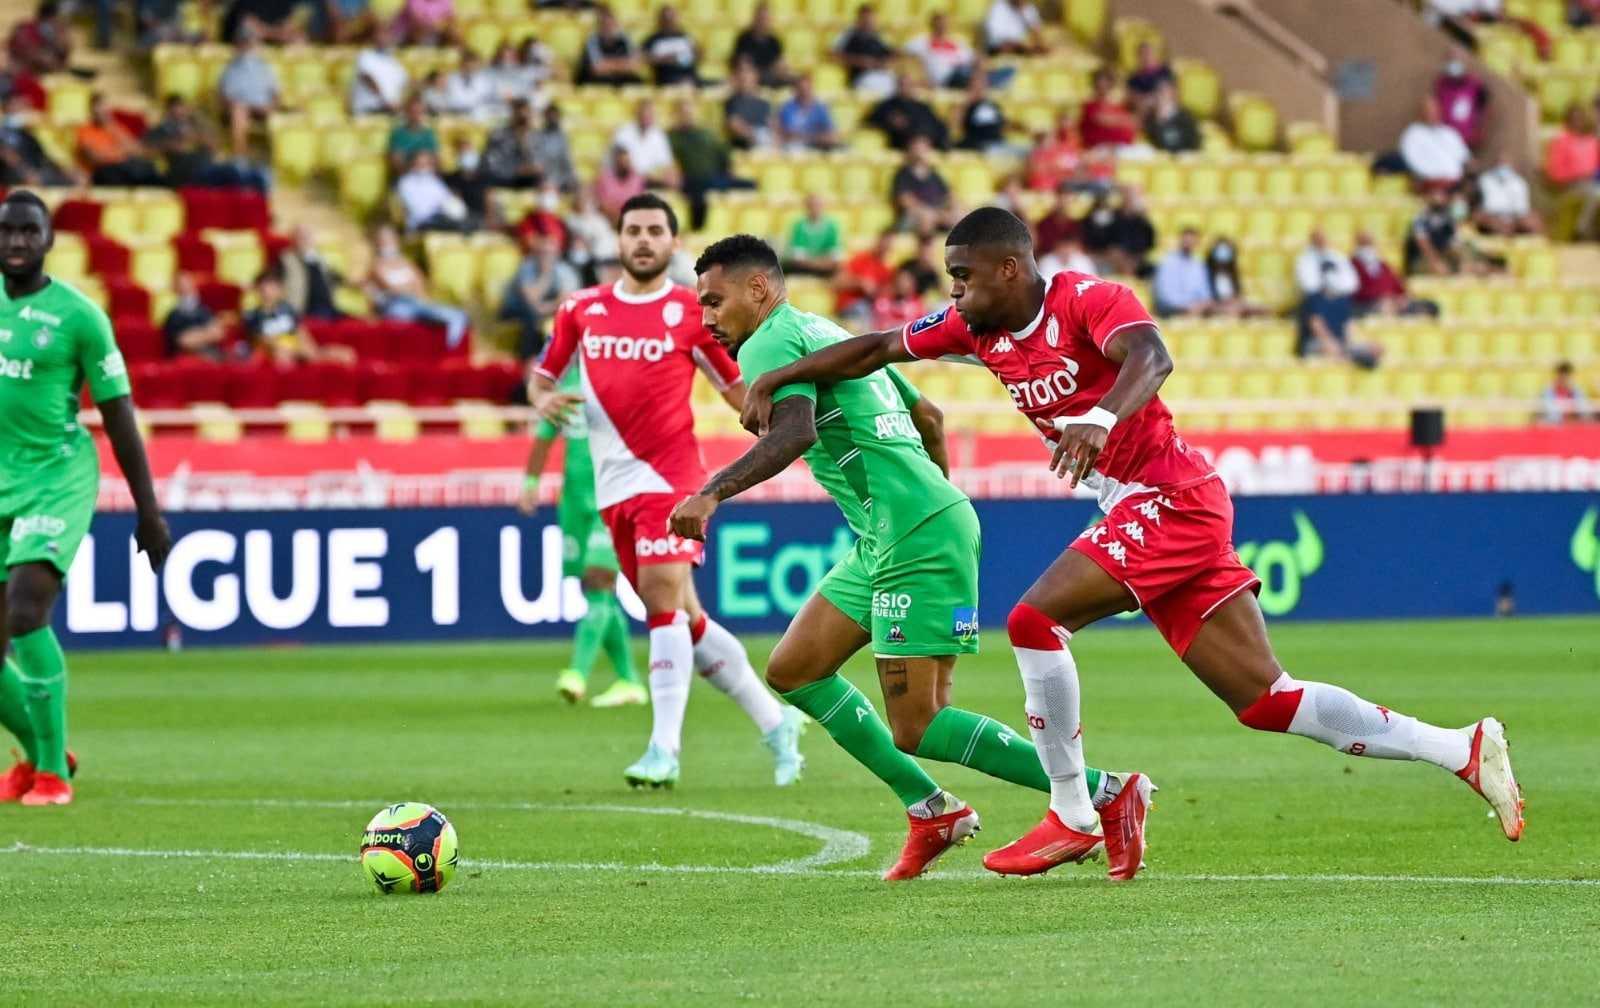 Ligue 1, giornata 7: doppietta Hakimi e il PSG infila la settima